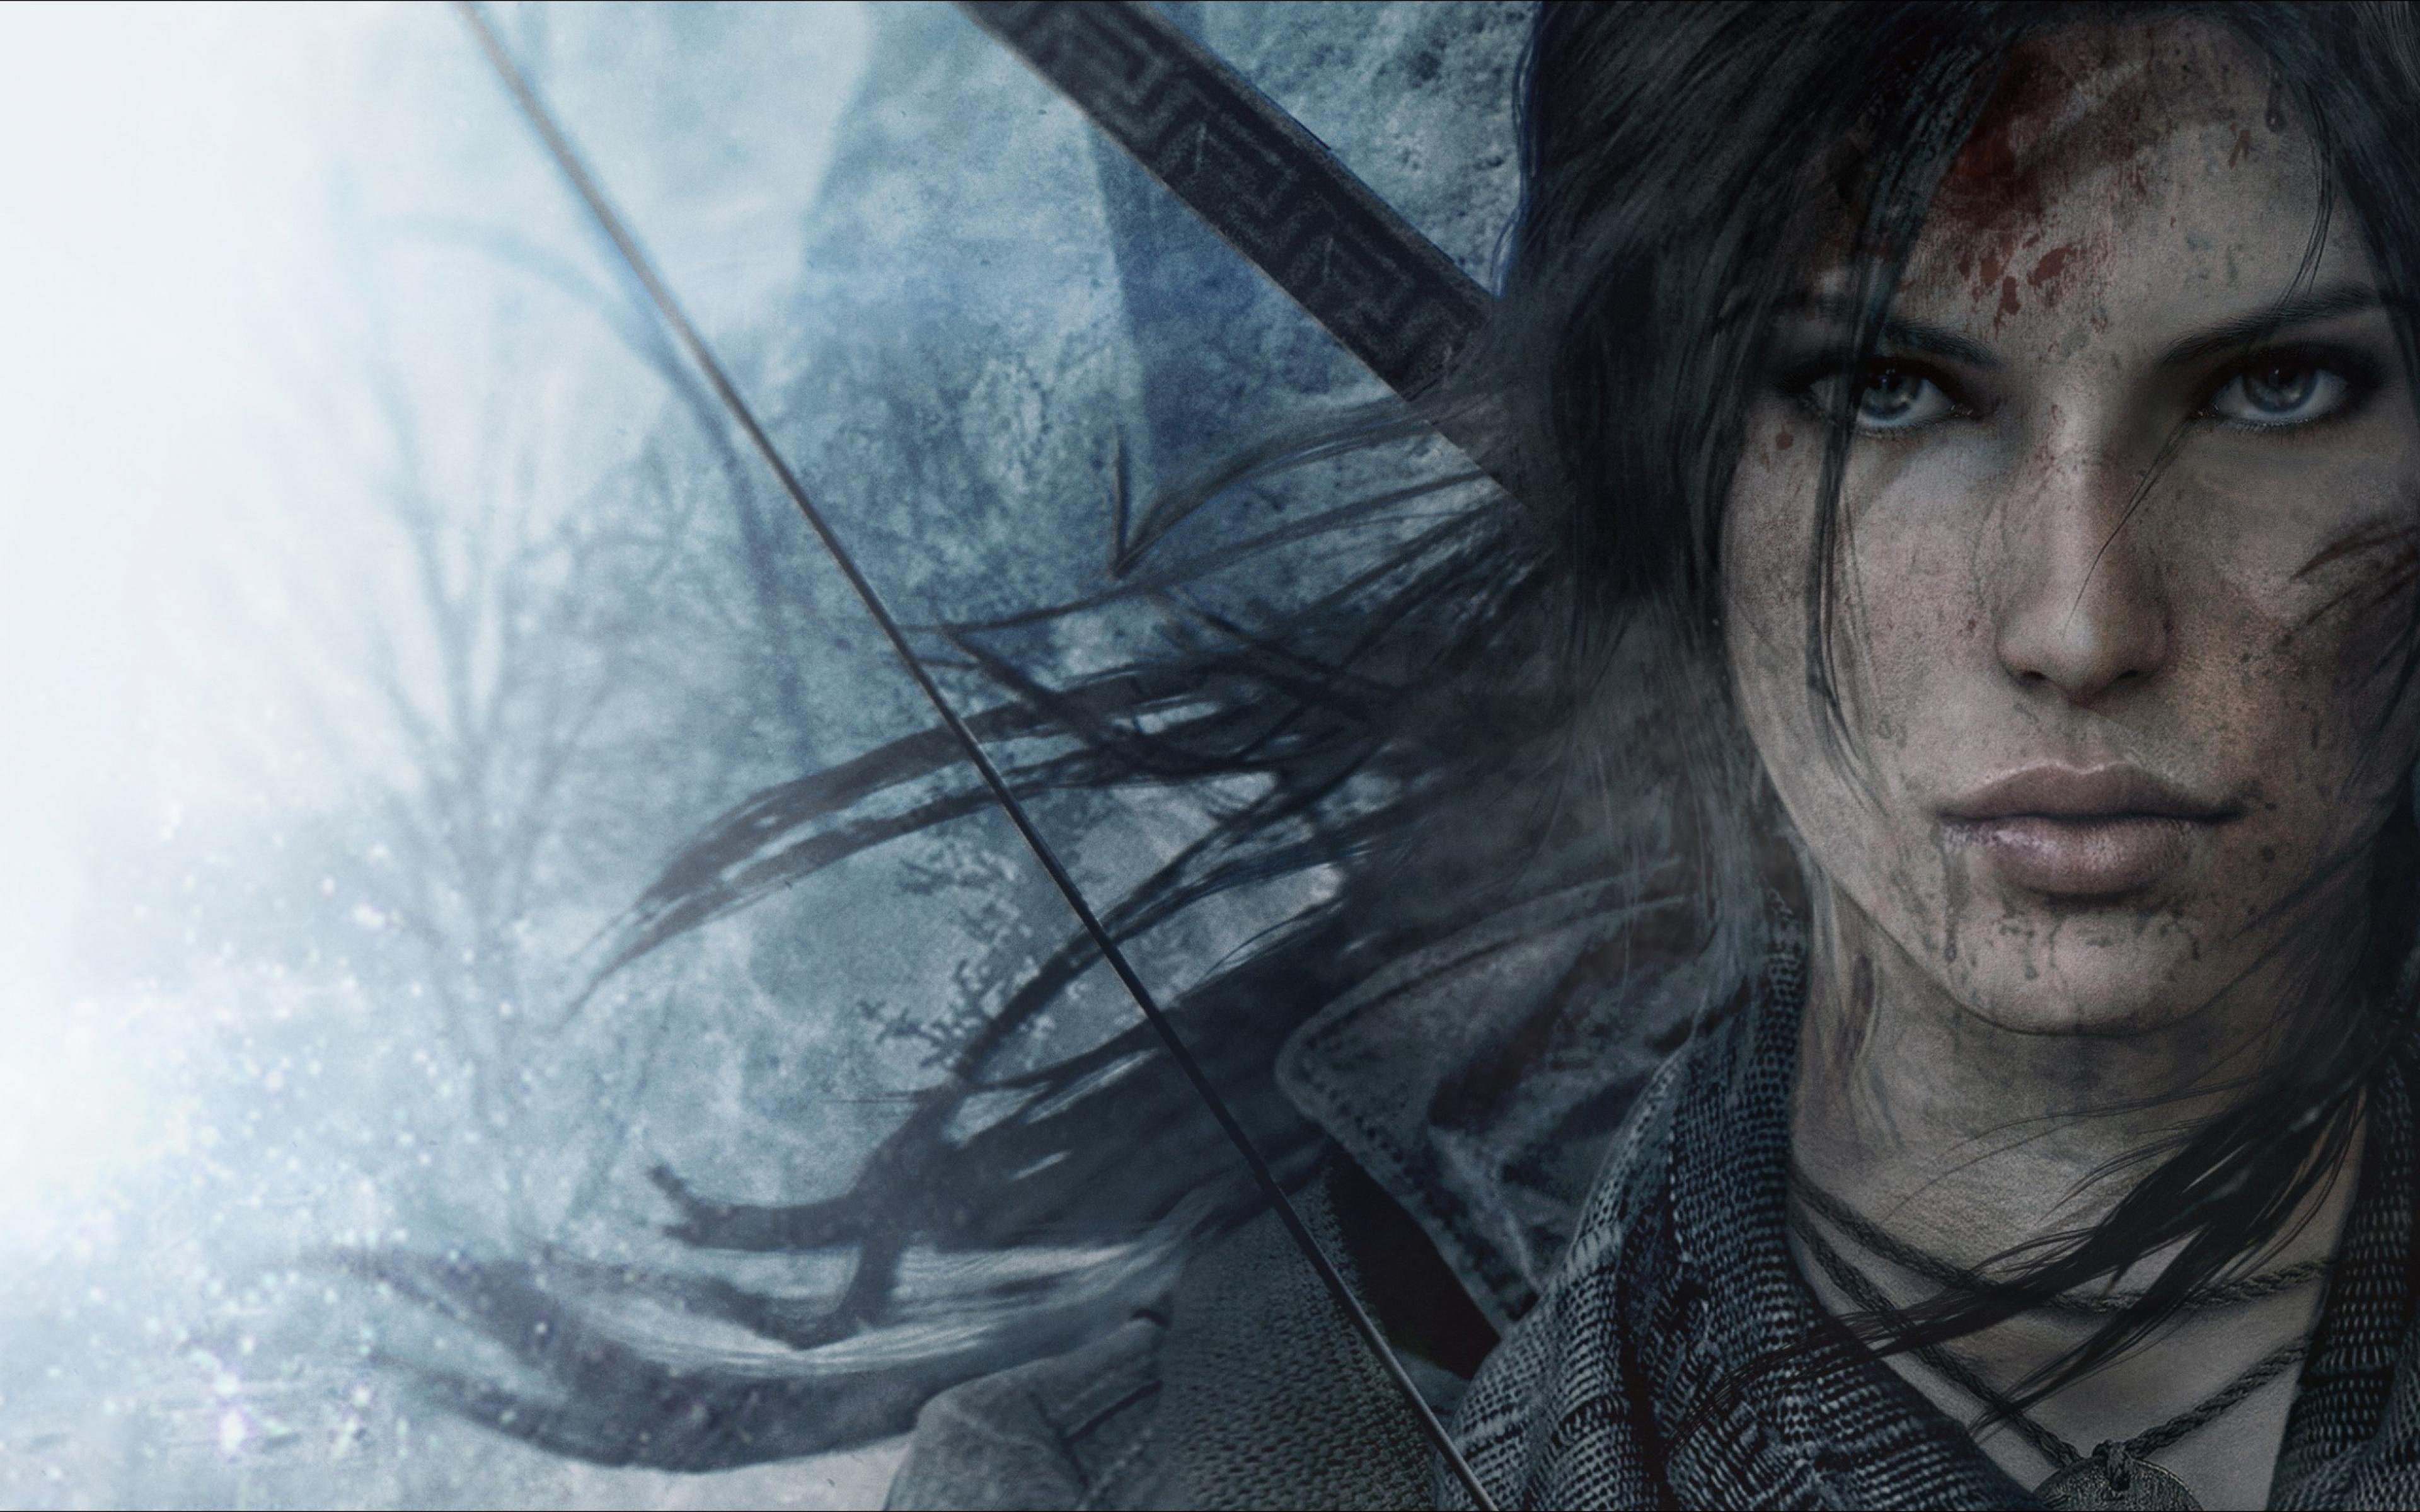 3840x2160 Lara Croft Tomb Raider Artwork 4k Hd 4k: 3840x2160 Lara Croft Tomb Raider 4k HD 4k Wallpapers